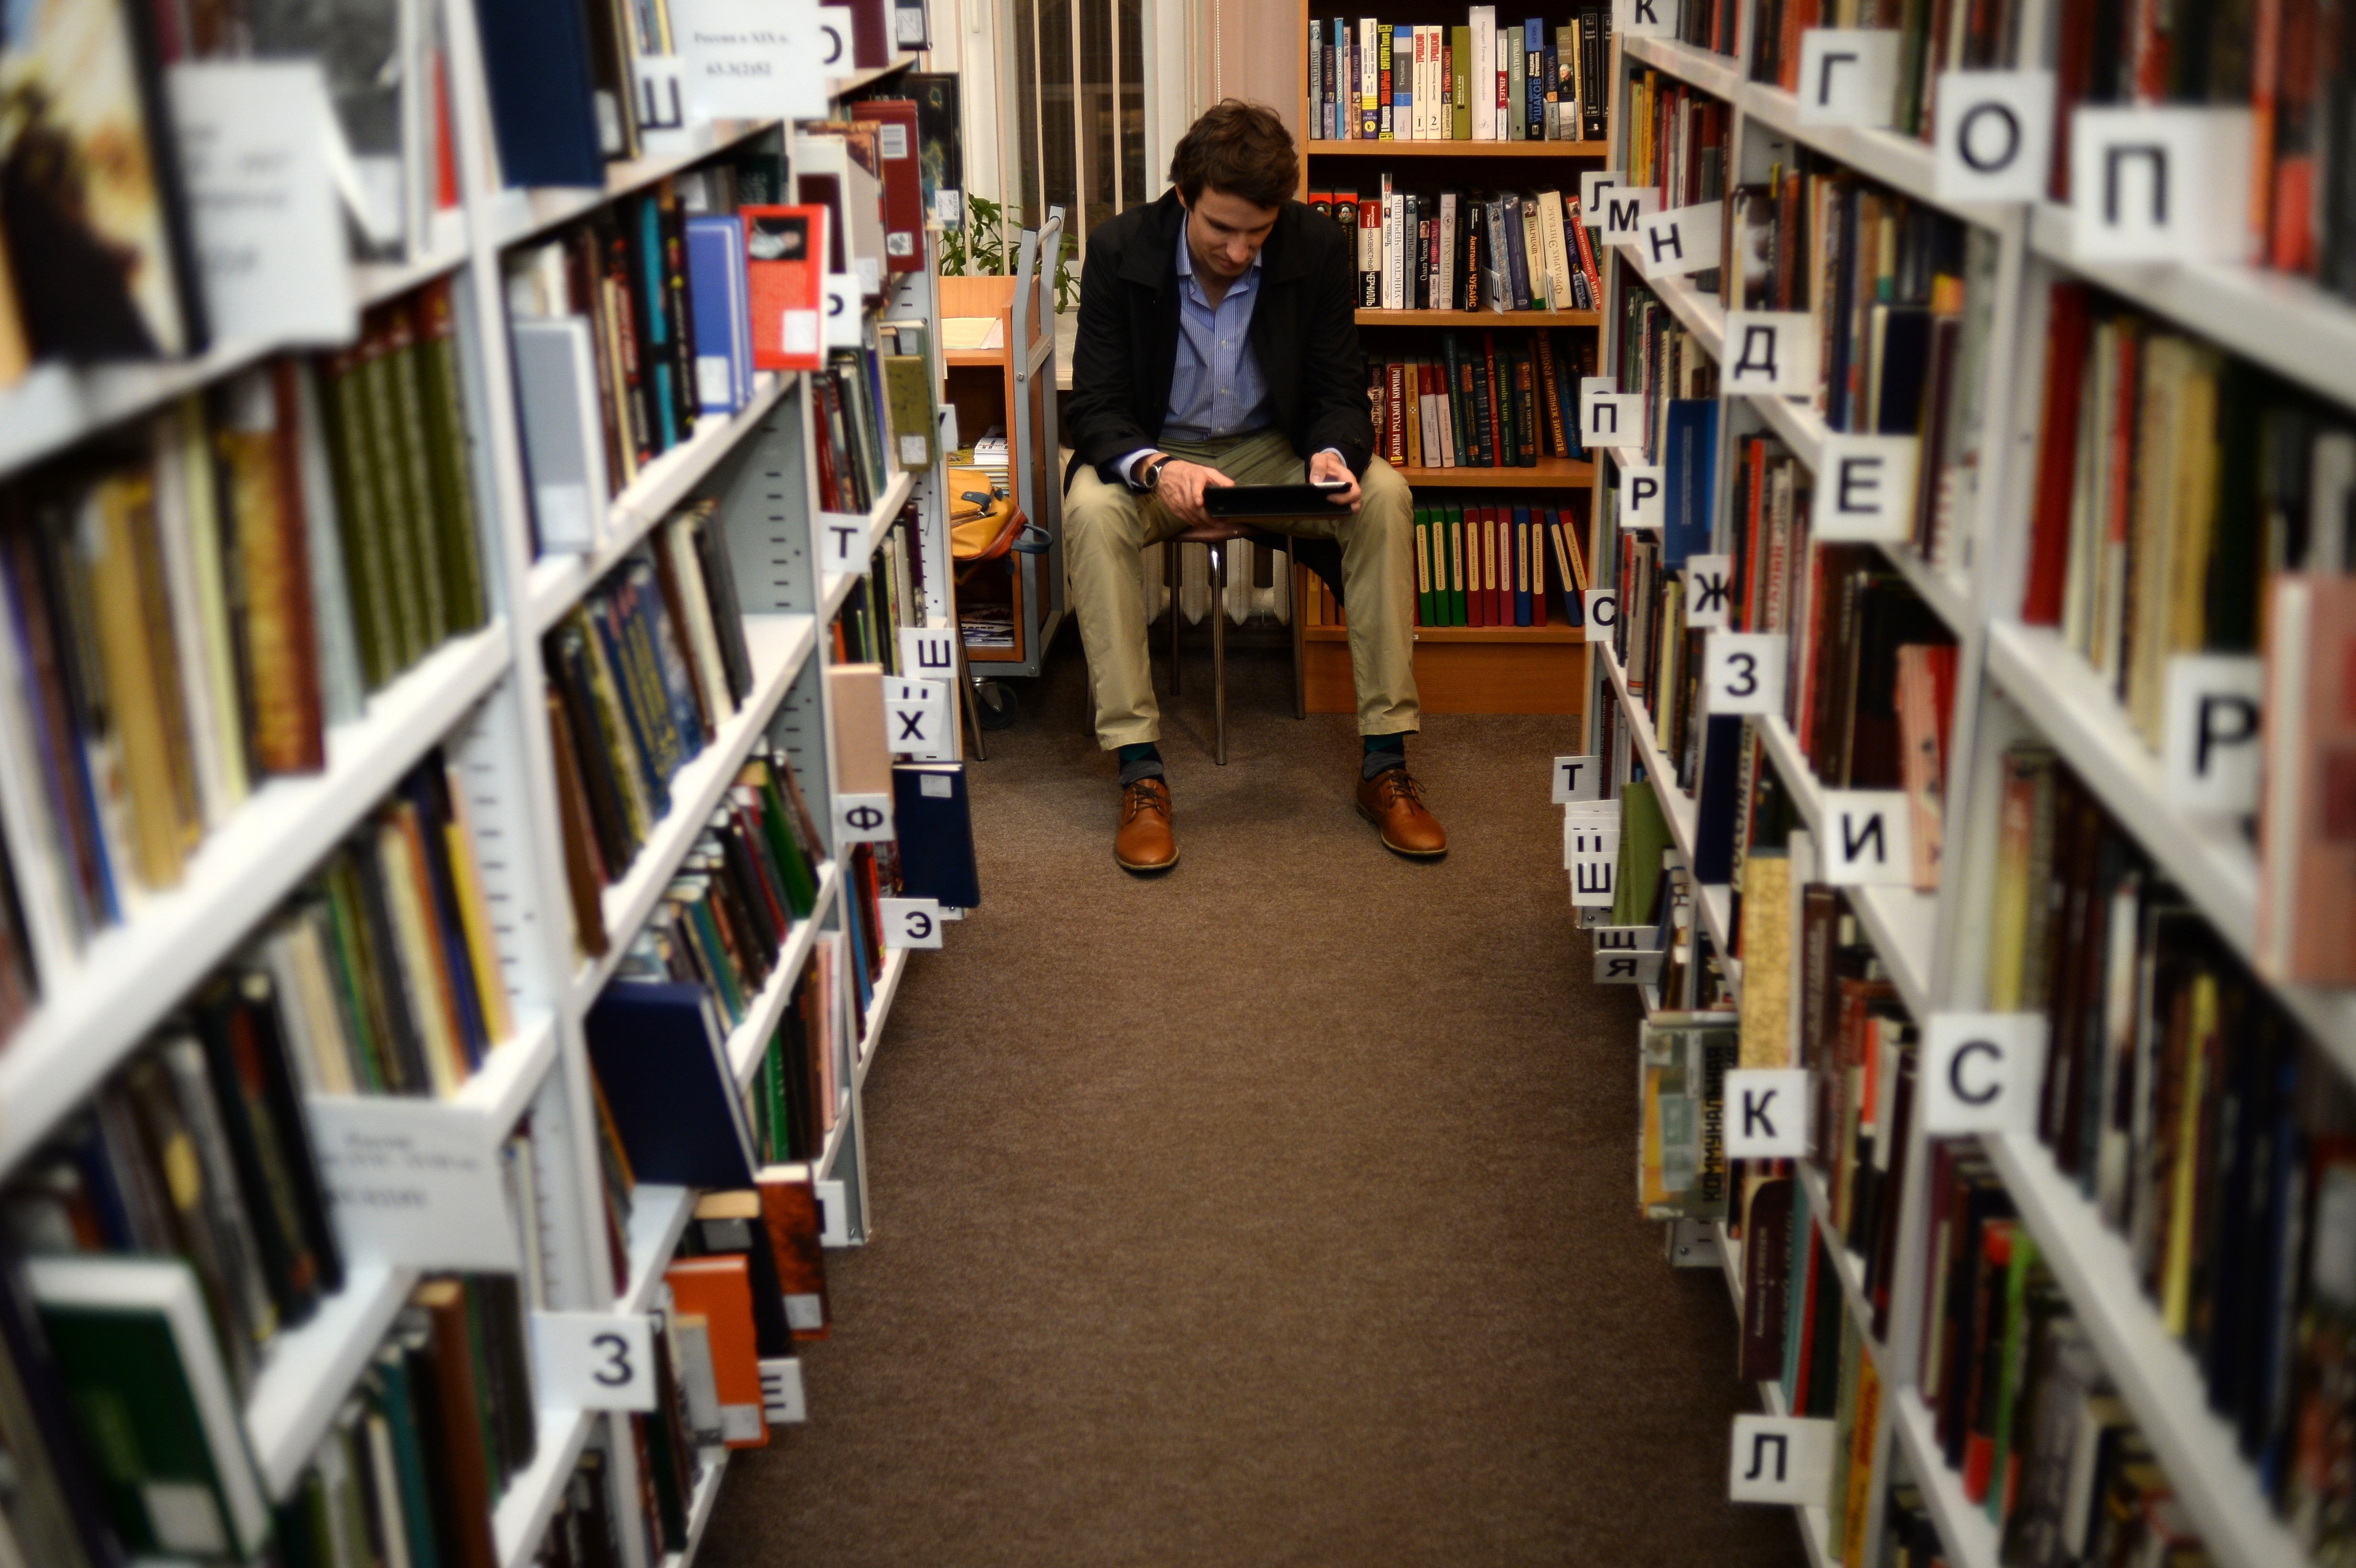 <p><span>Библиотека-читальня им. И.С. Тургенева.&nbsp;</span>Фото: &copy;РИА Новости/Максим Блинов</p>